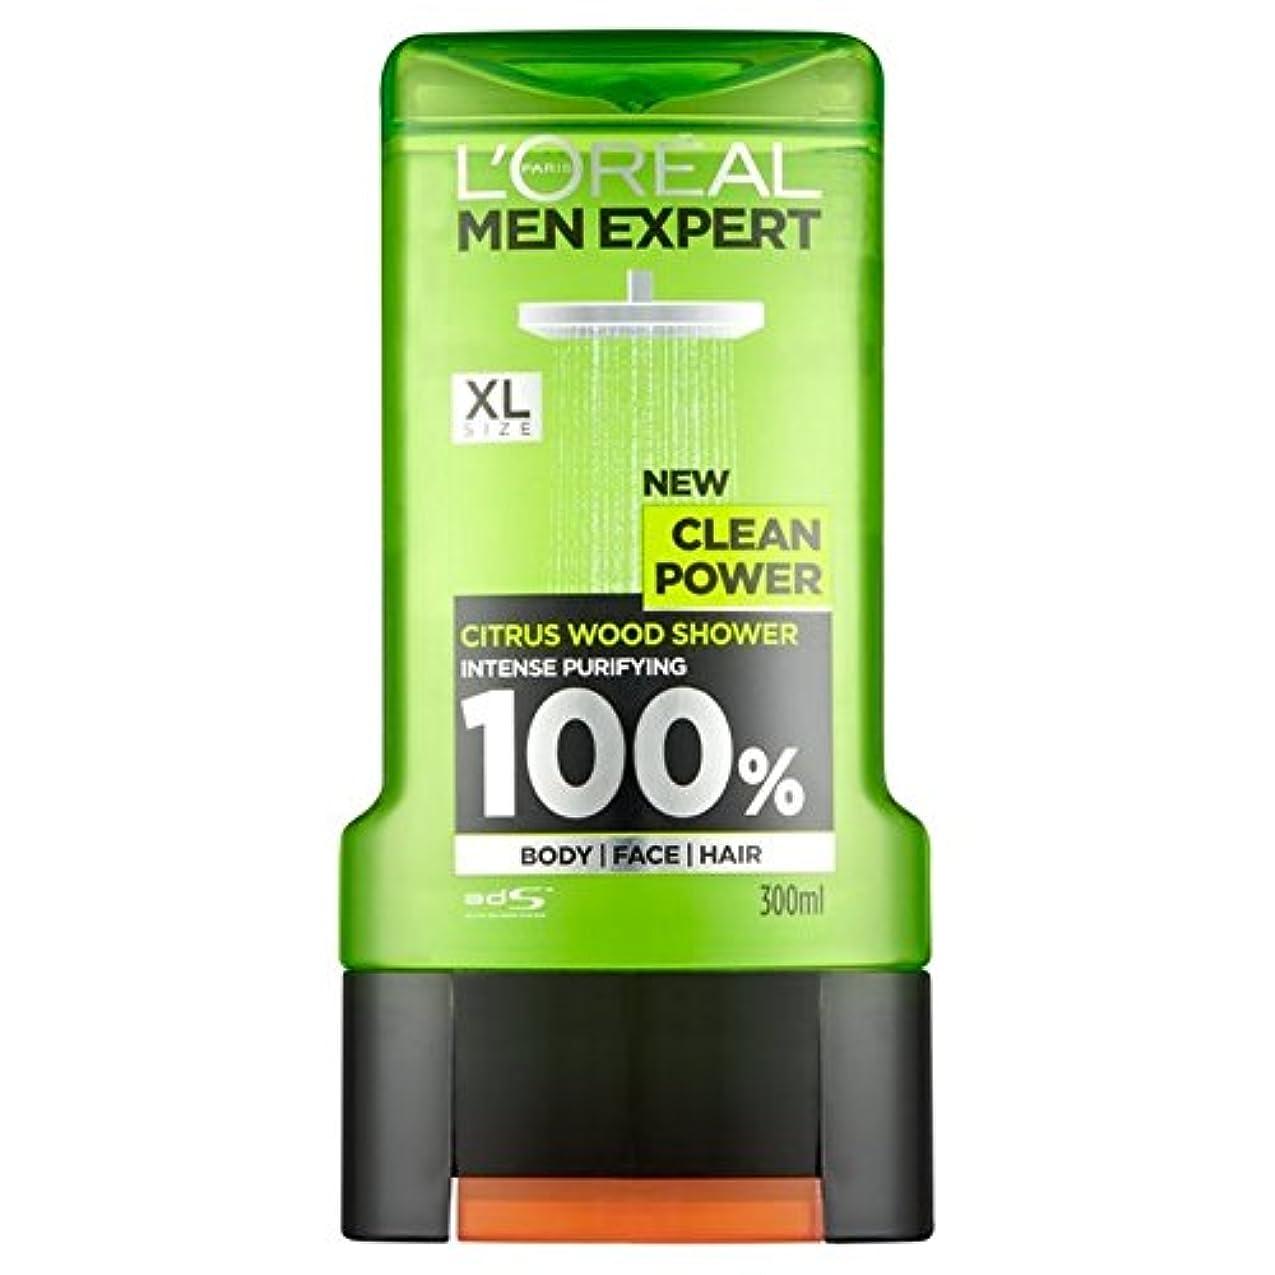 我慢する橋脚魅力L'Oreal Paris Men Expert Clean Power Shower Gel 300ml (Pack of 6) - ロレアルパリの男性の専門家クリーンパワーシャワージェル300ミリリットル x6 [並行輸入品]